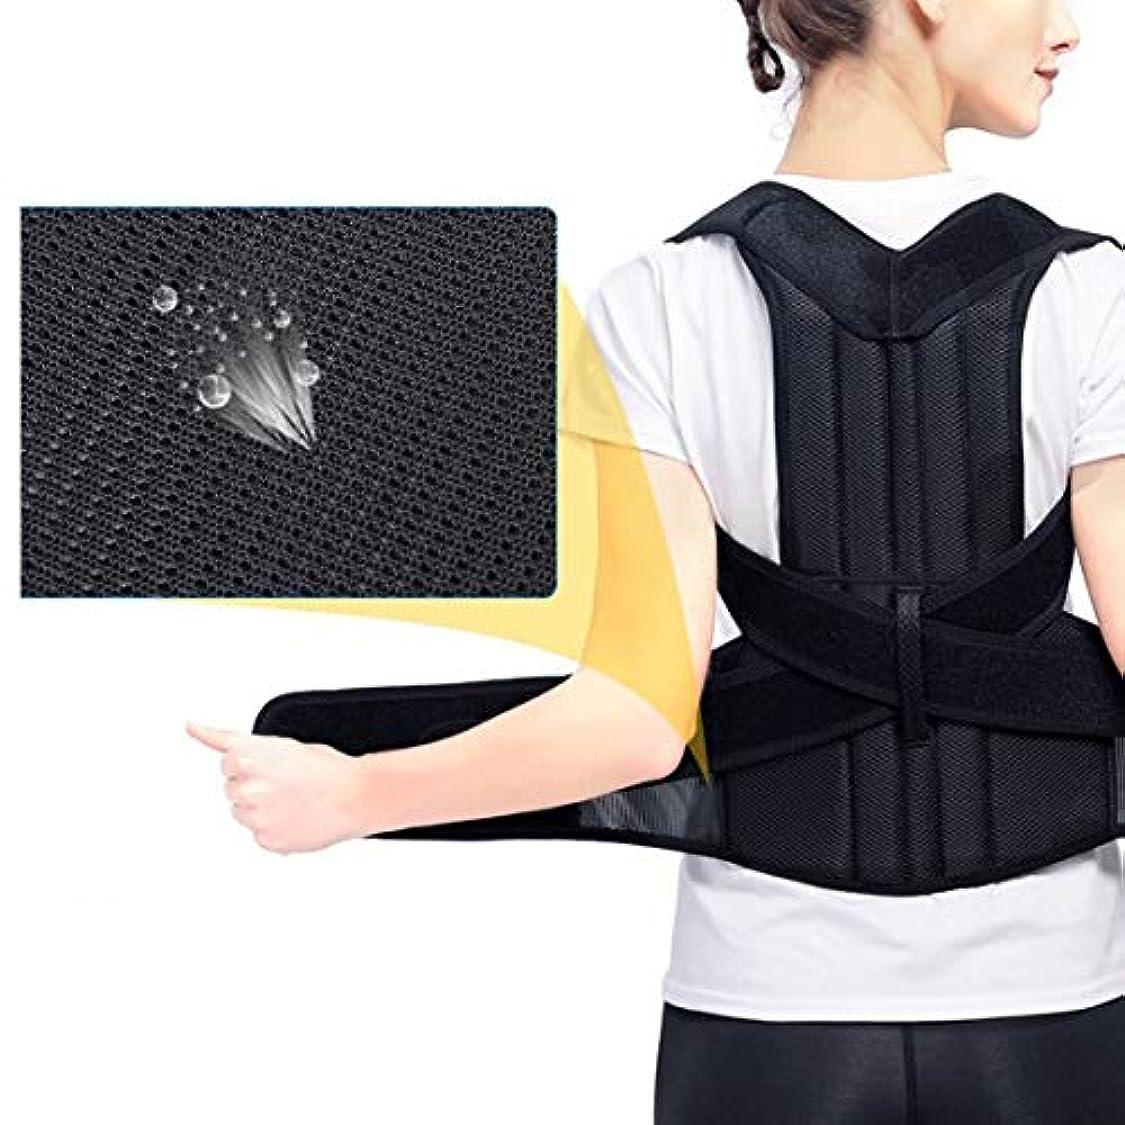 マラソン関数収縮腰椎矯正バックブレース背骨装具側弯症腰椎サポート脊椎湾曲装具固定用姿勢 - 黒